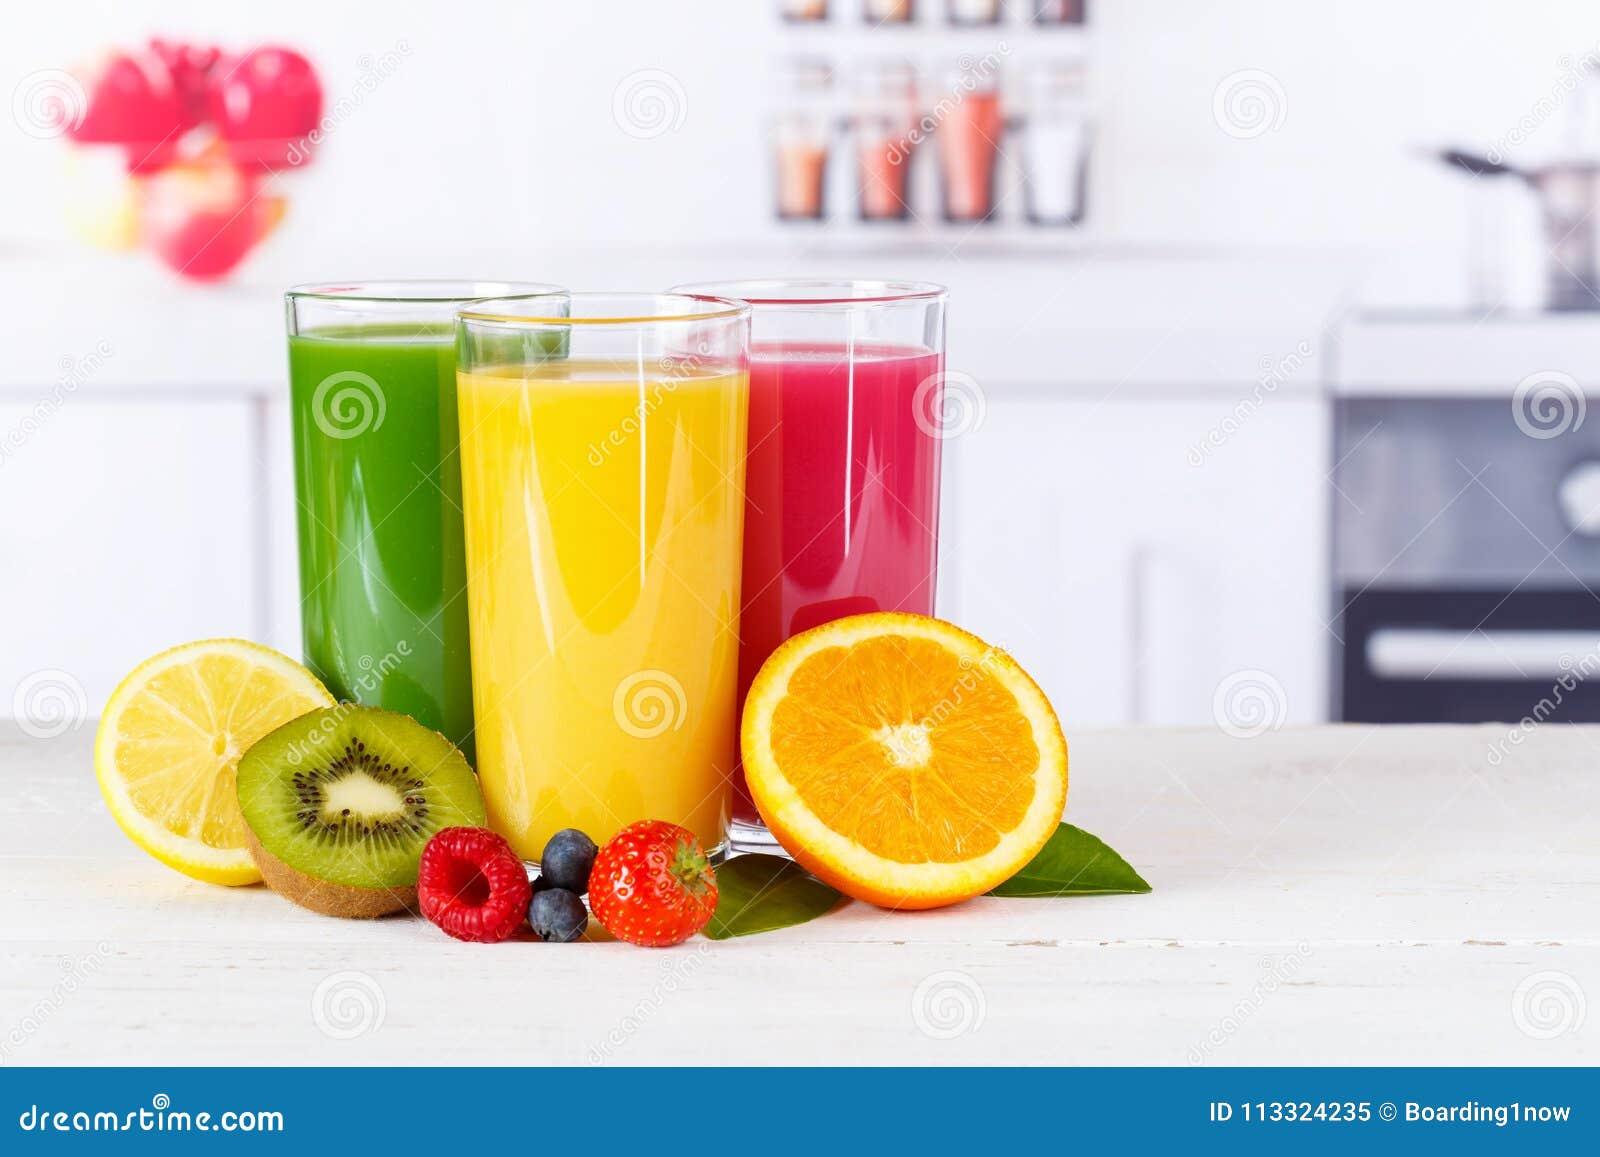 Juice smoothie smoothies orange oranges fruit fruits